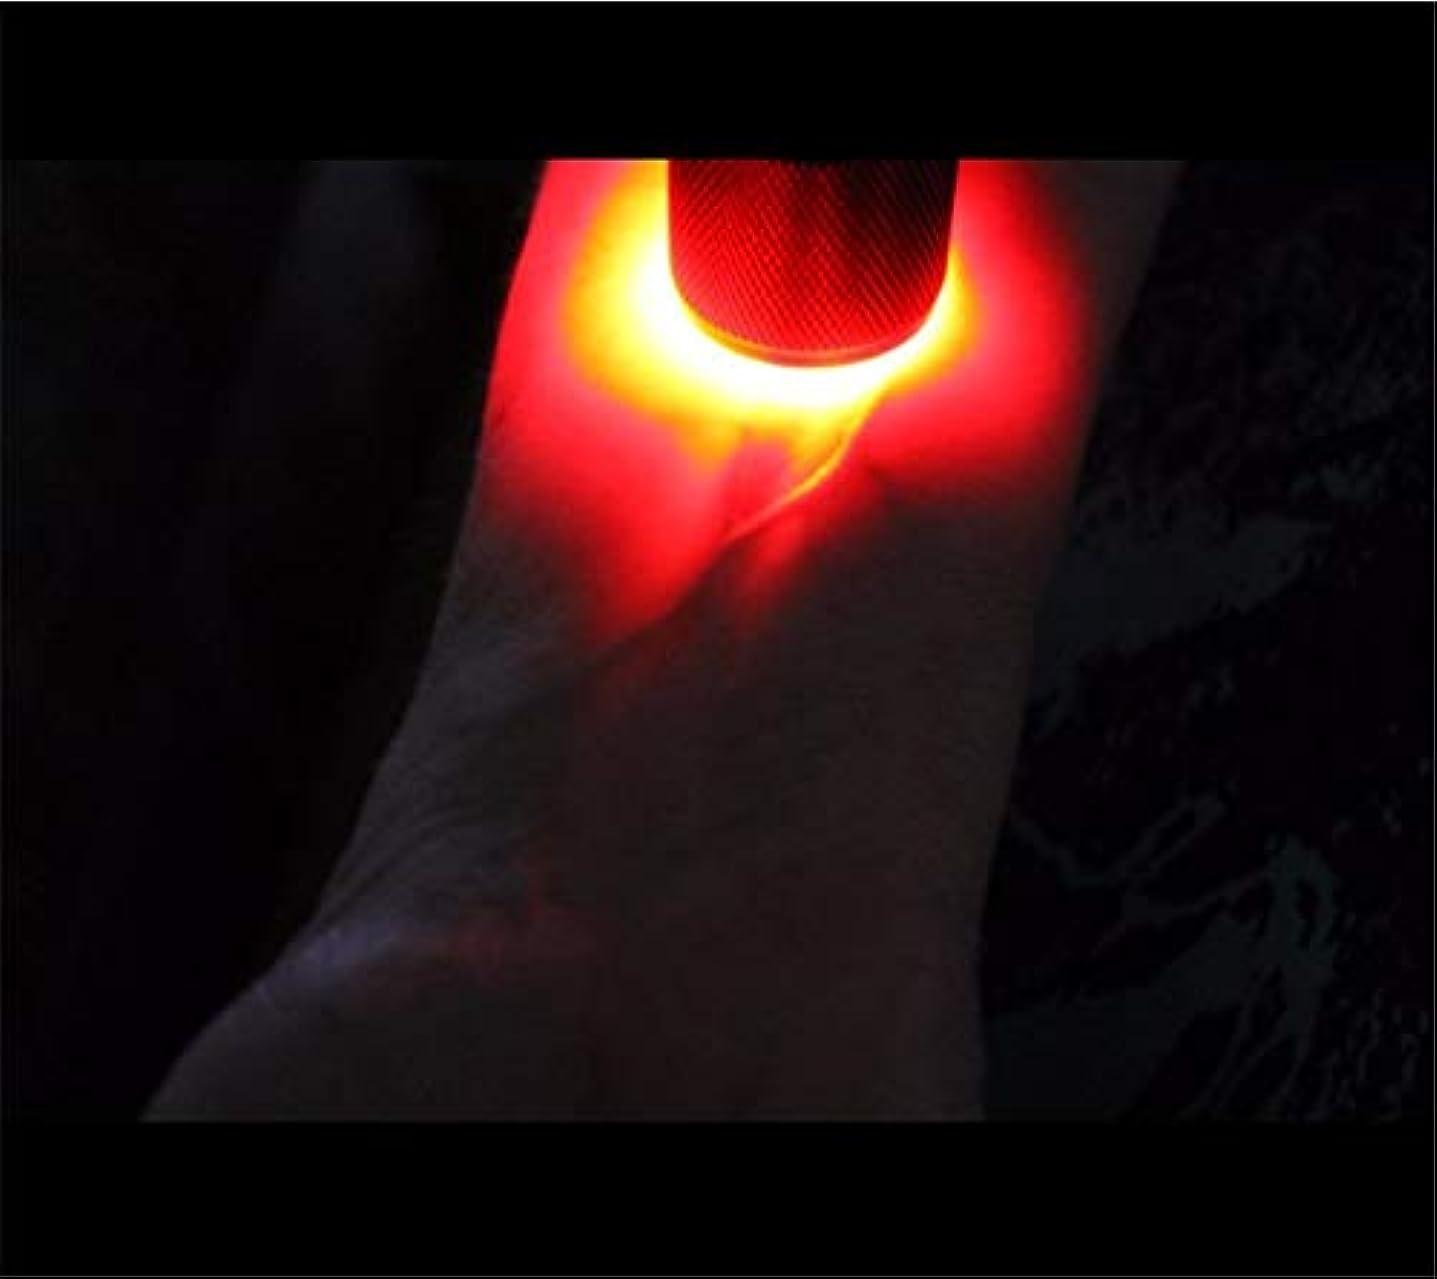 有力者マラドロイト写真を撮る静脈イメージング懐中電灯血管ディスプレイ懐中電灯手穿刺による血管ライトの確認皮下静脈デバイスの発見が容易